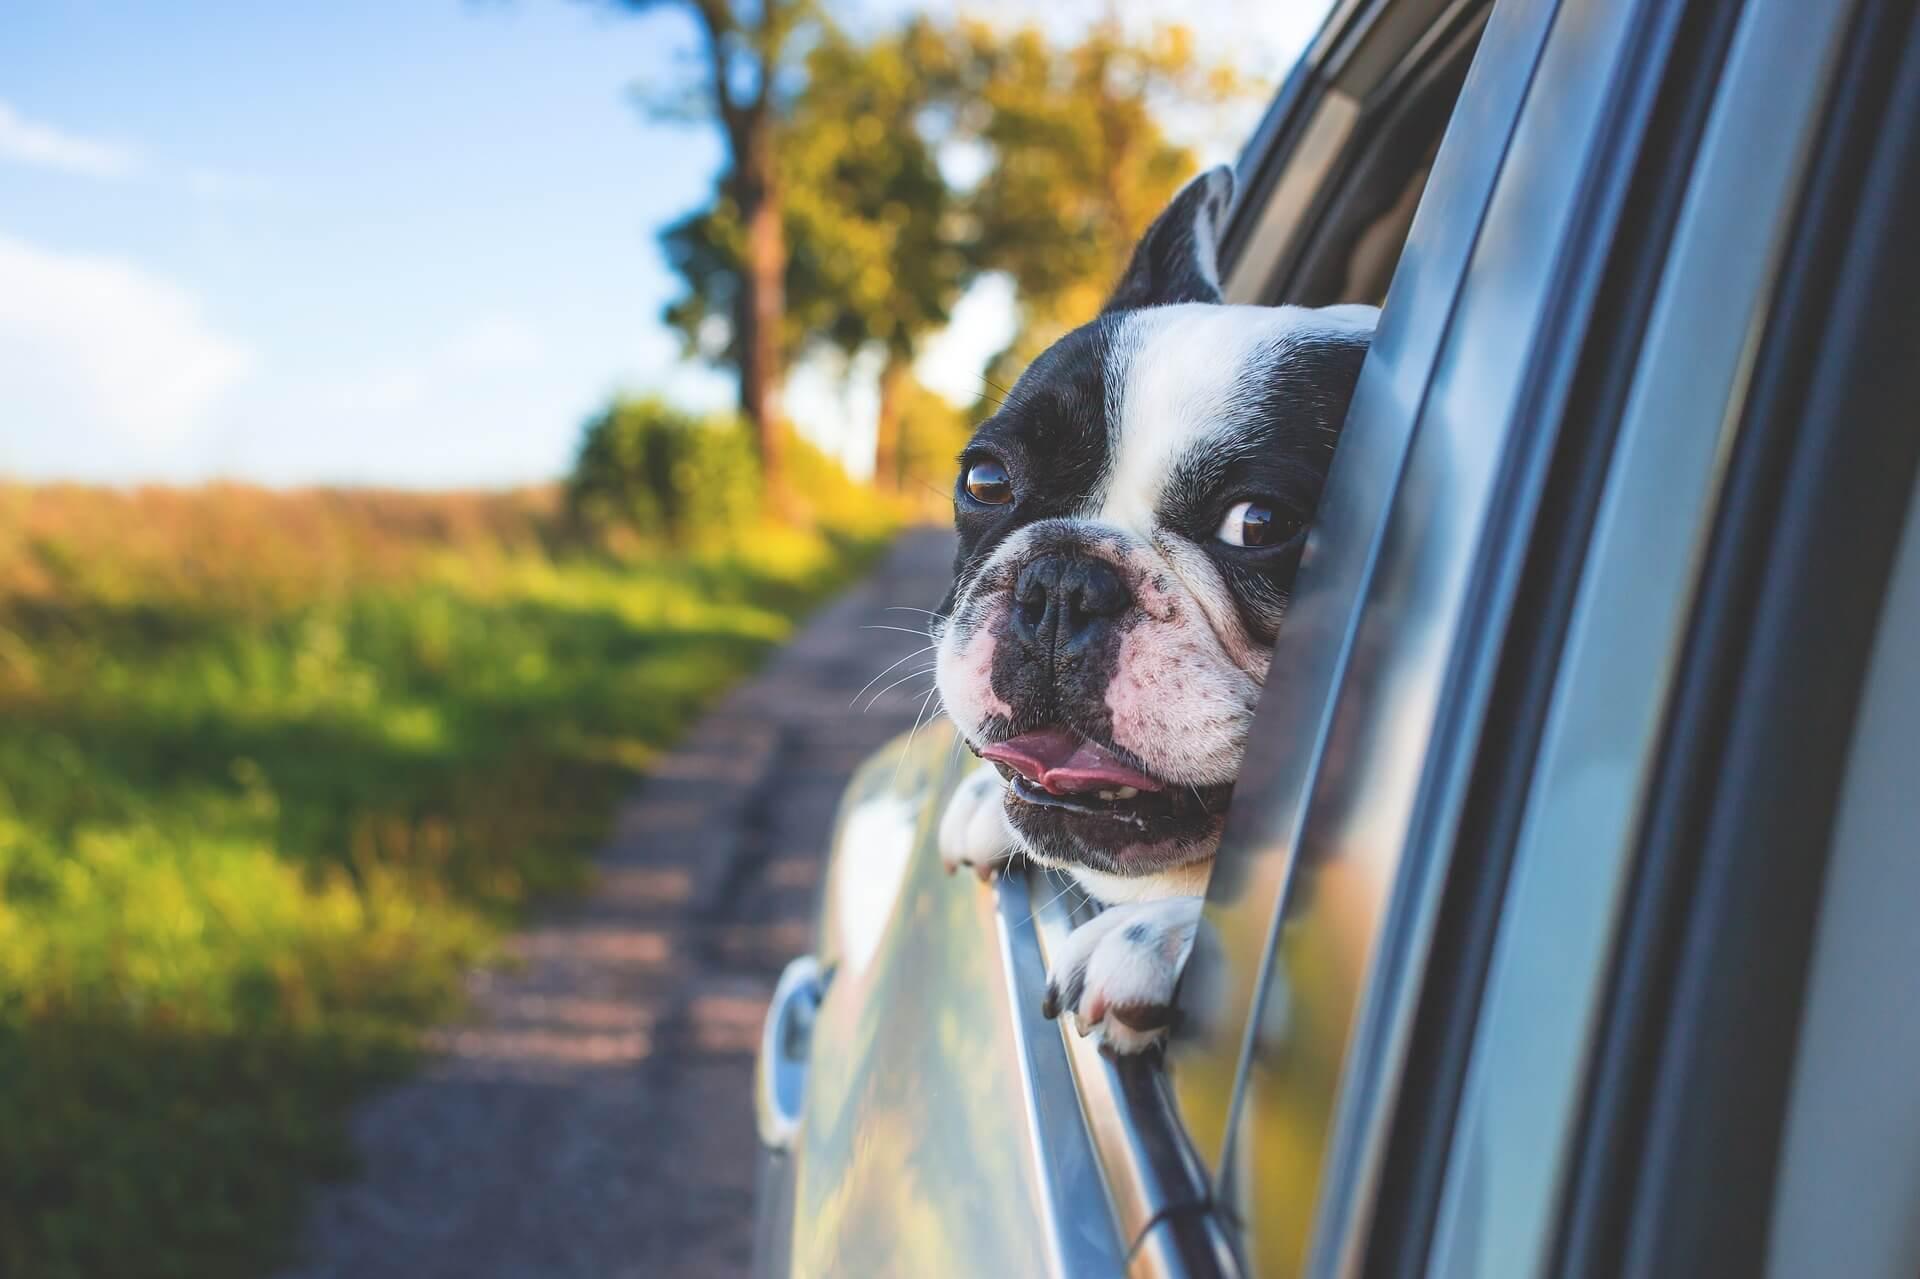 Как пережить жару в машине без кондиционера: народные методы